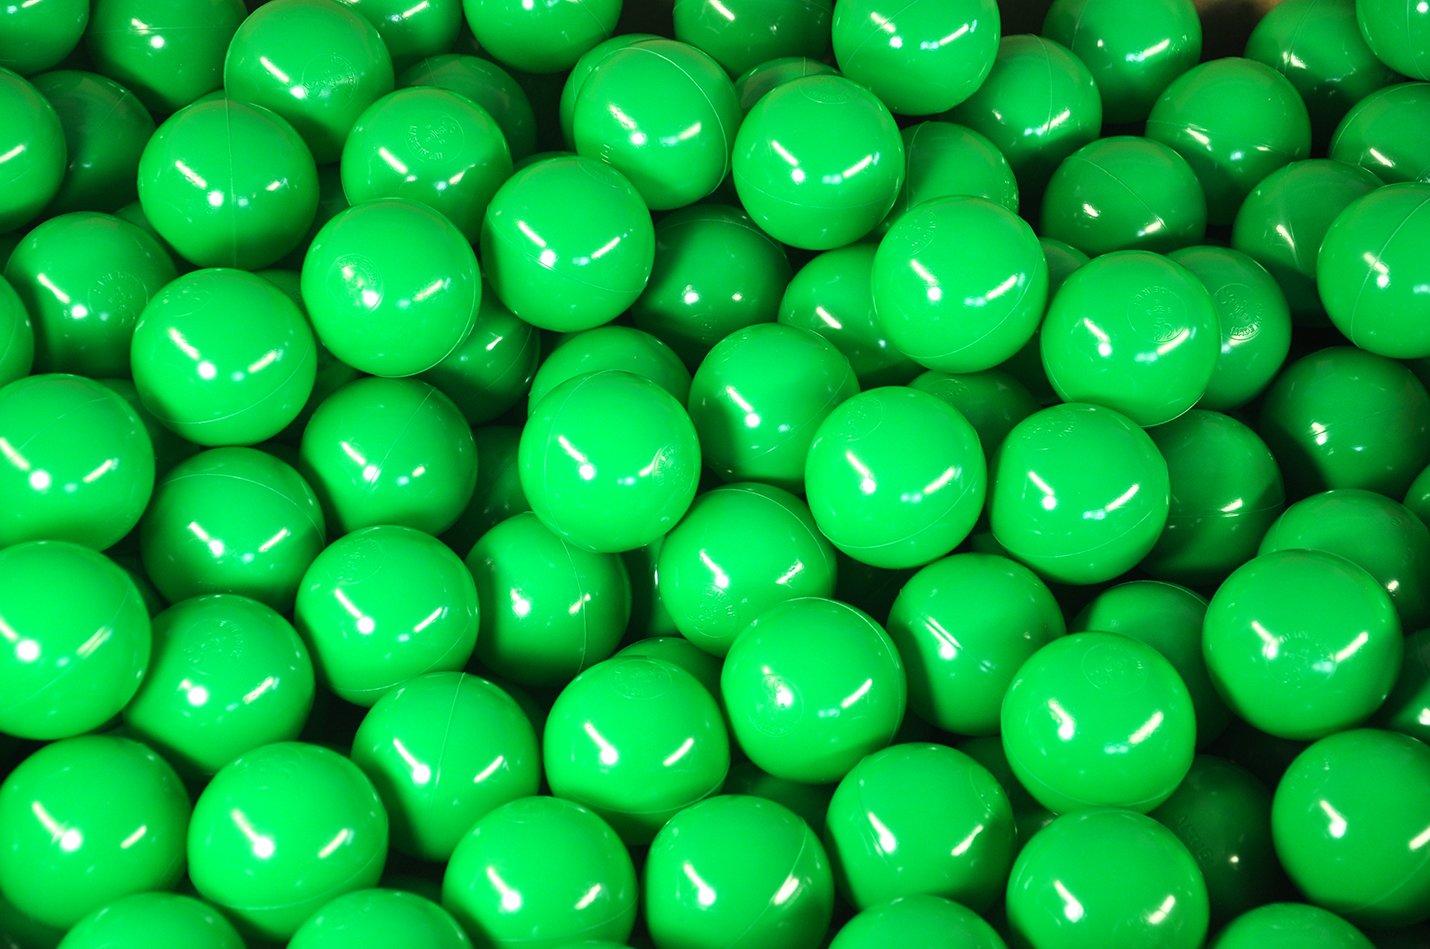 BälleBad Bälle - Grün - 500 Stück - CE-Kennzeichnung - 75mm